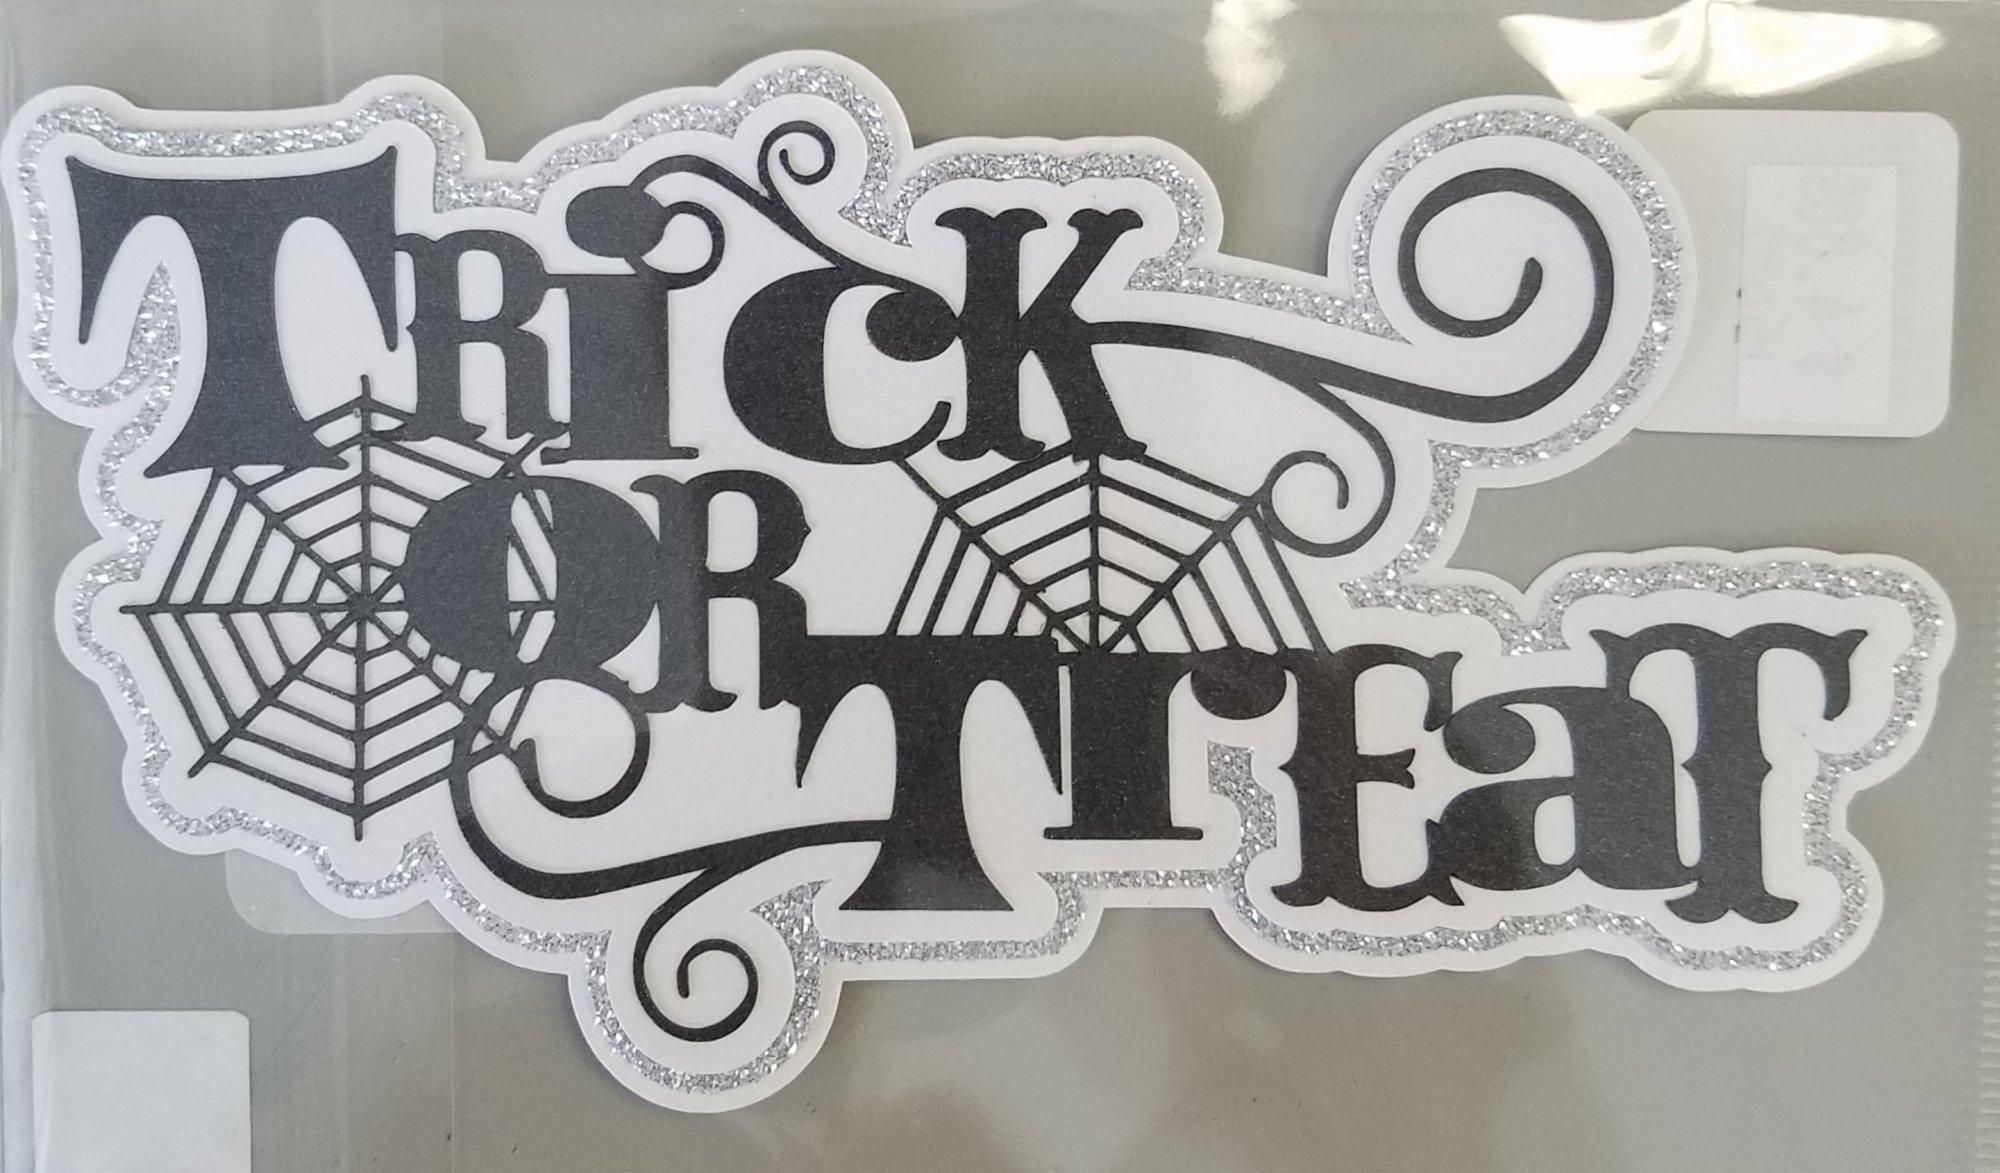 Trick or Treat w/web